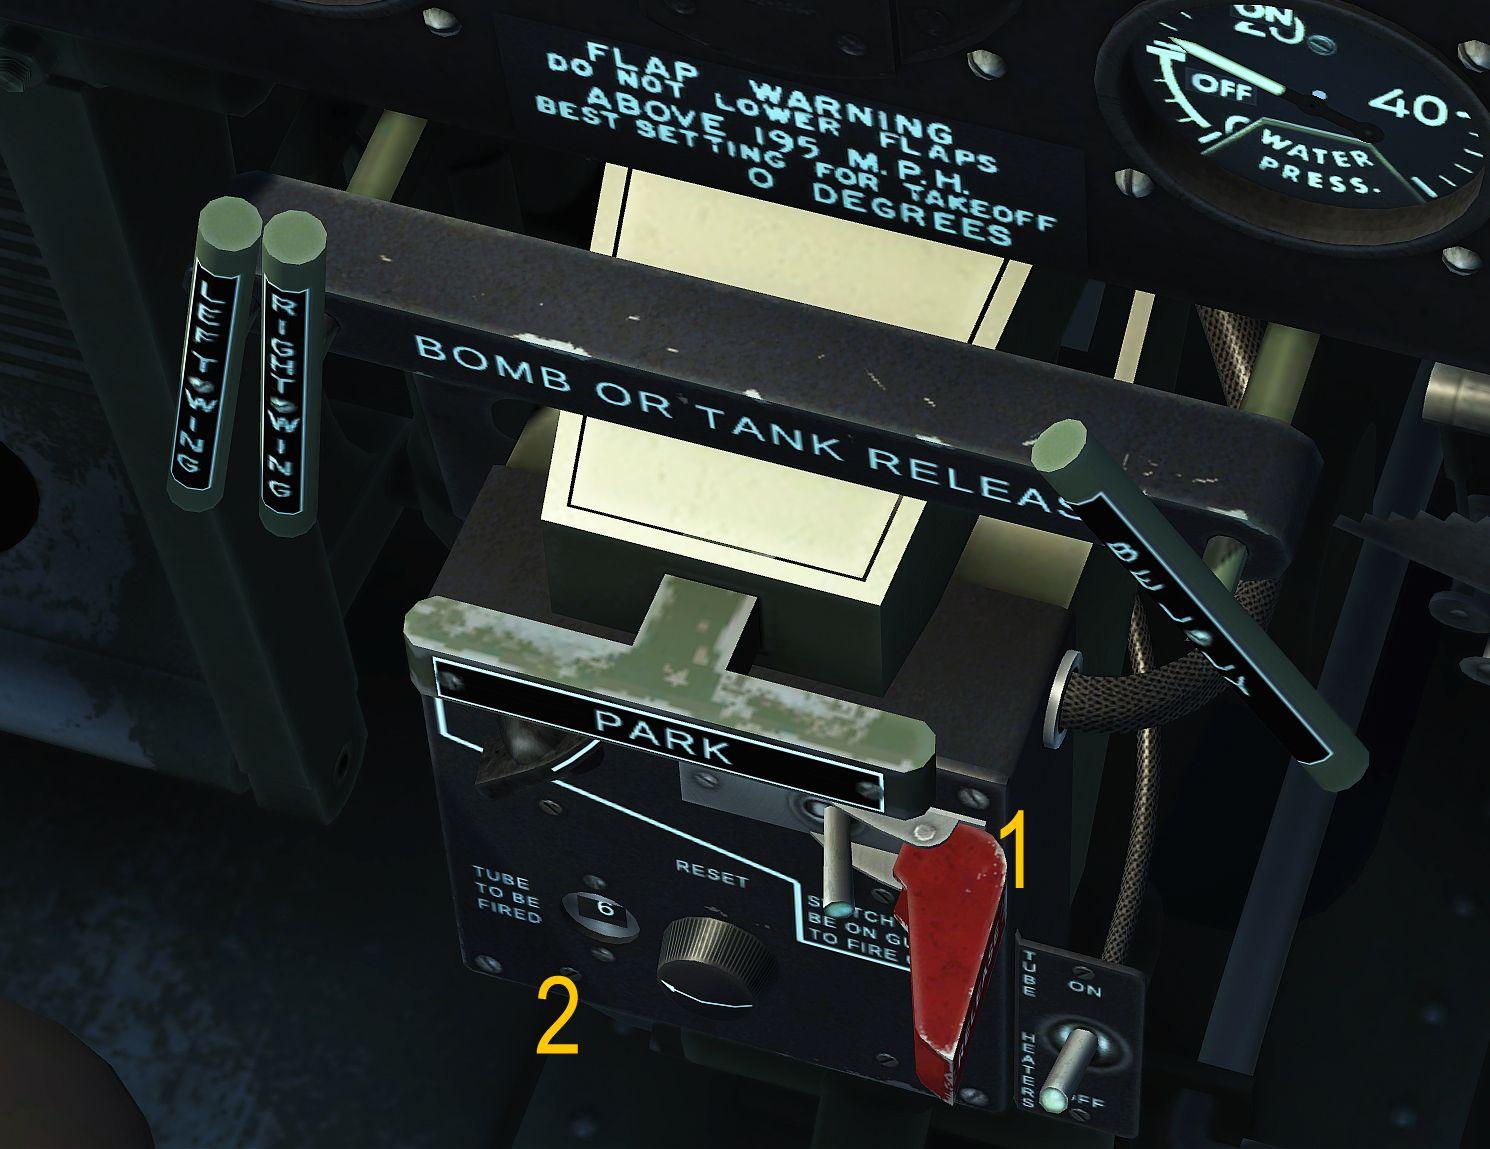 [FICHE] Republic P47-D-28-RE 5bdc05e5009e5